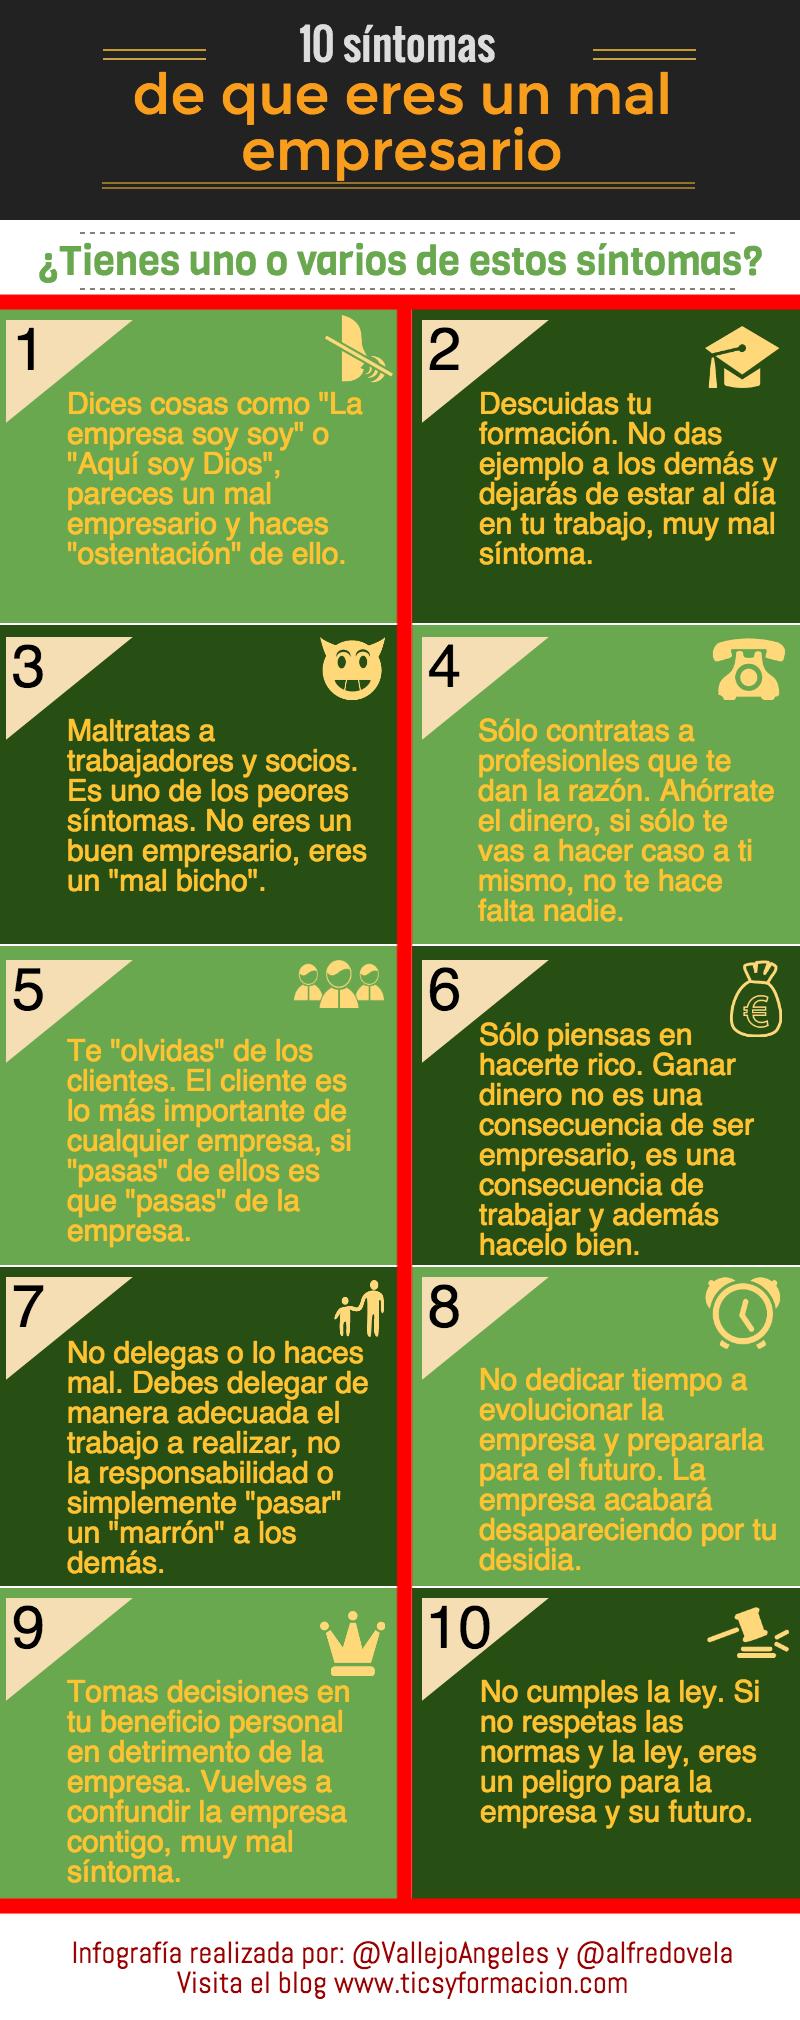 infografia-10-sintomas-de-que-eres-un-mal-empresario